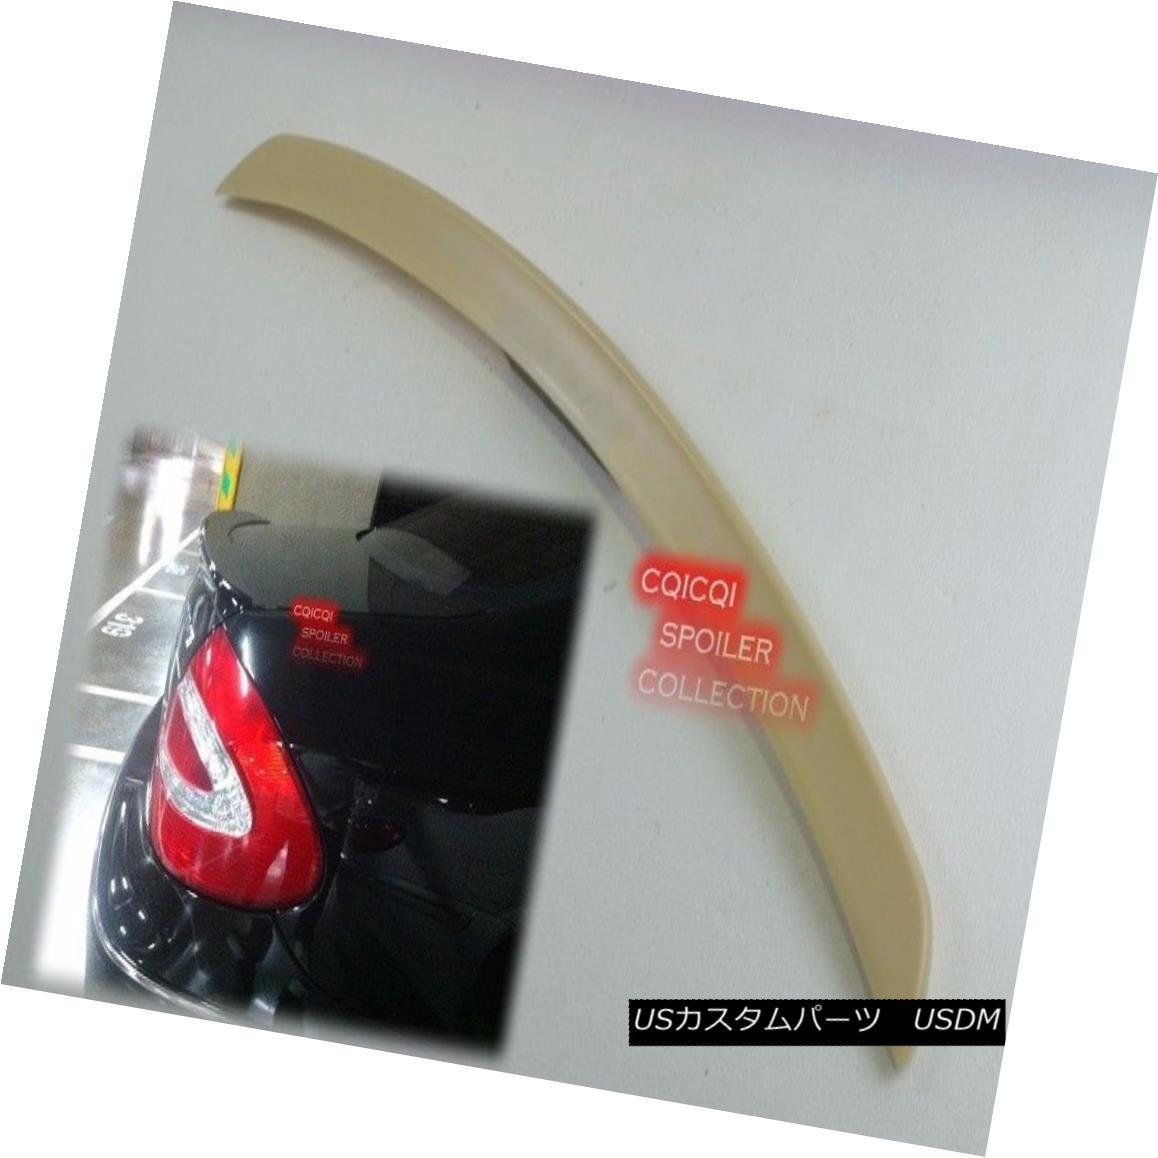 エアロパーツ Painted M-BENZ 03-09 W209 CLK Coupe AMG type trunk spoiler color:197 black ◎ ペイントされたMベンツ03-09 W209 CLKクーペAMGタイプのトランクスポイラーの色:197黒?